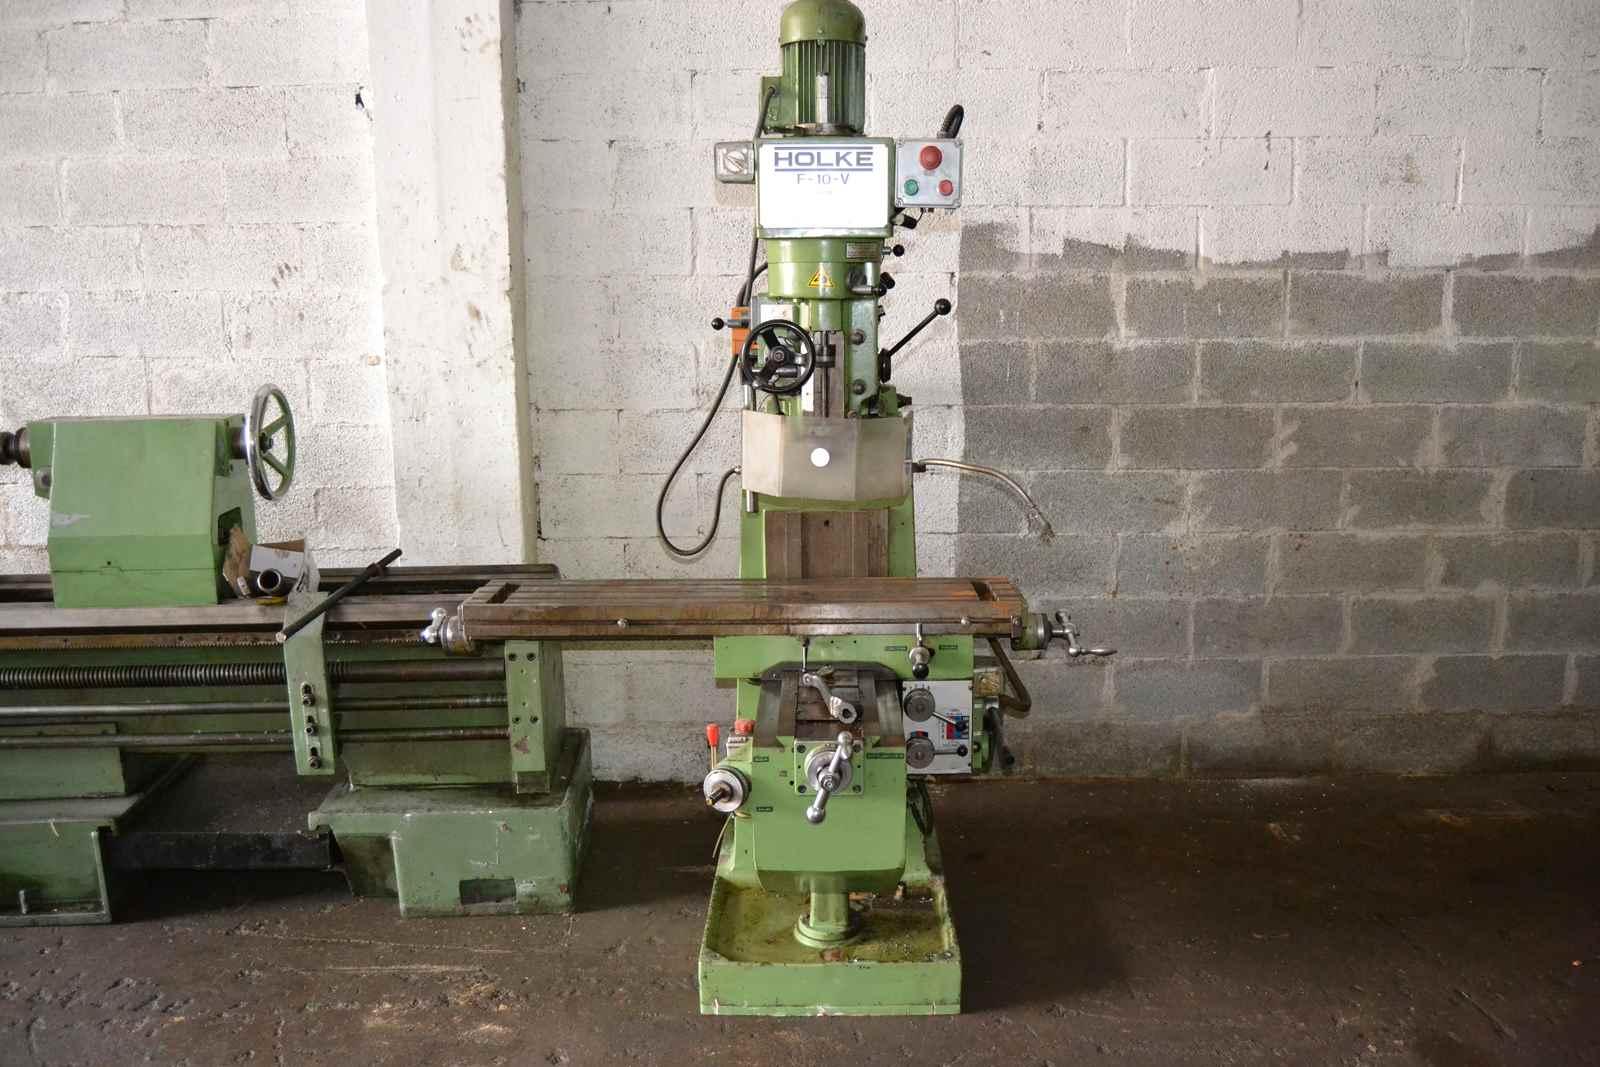 Holke F10V turret milling machine - Exapro